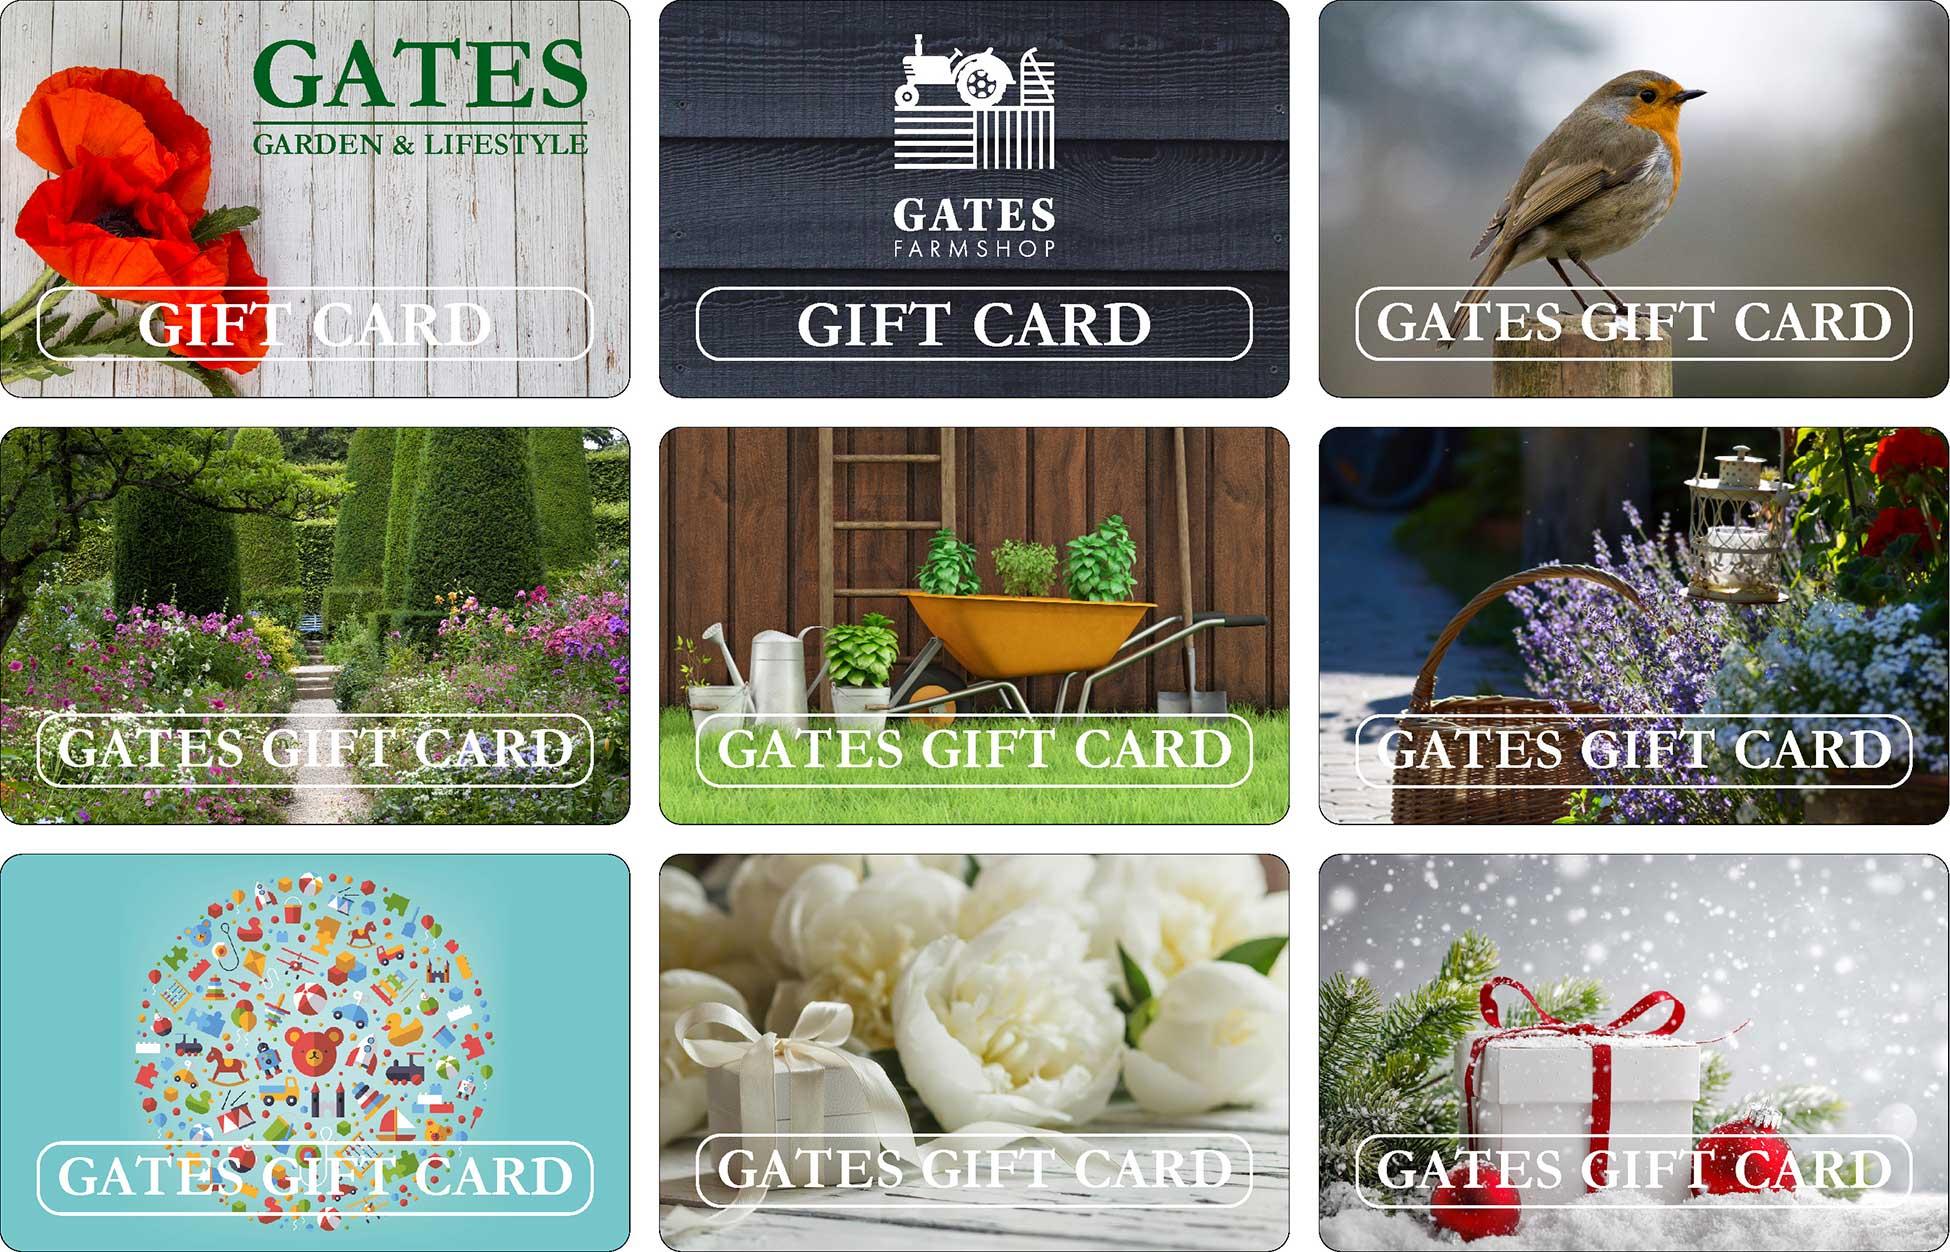 Gates Garden Centre Gift Cards